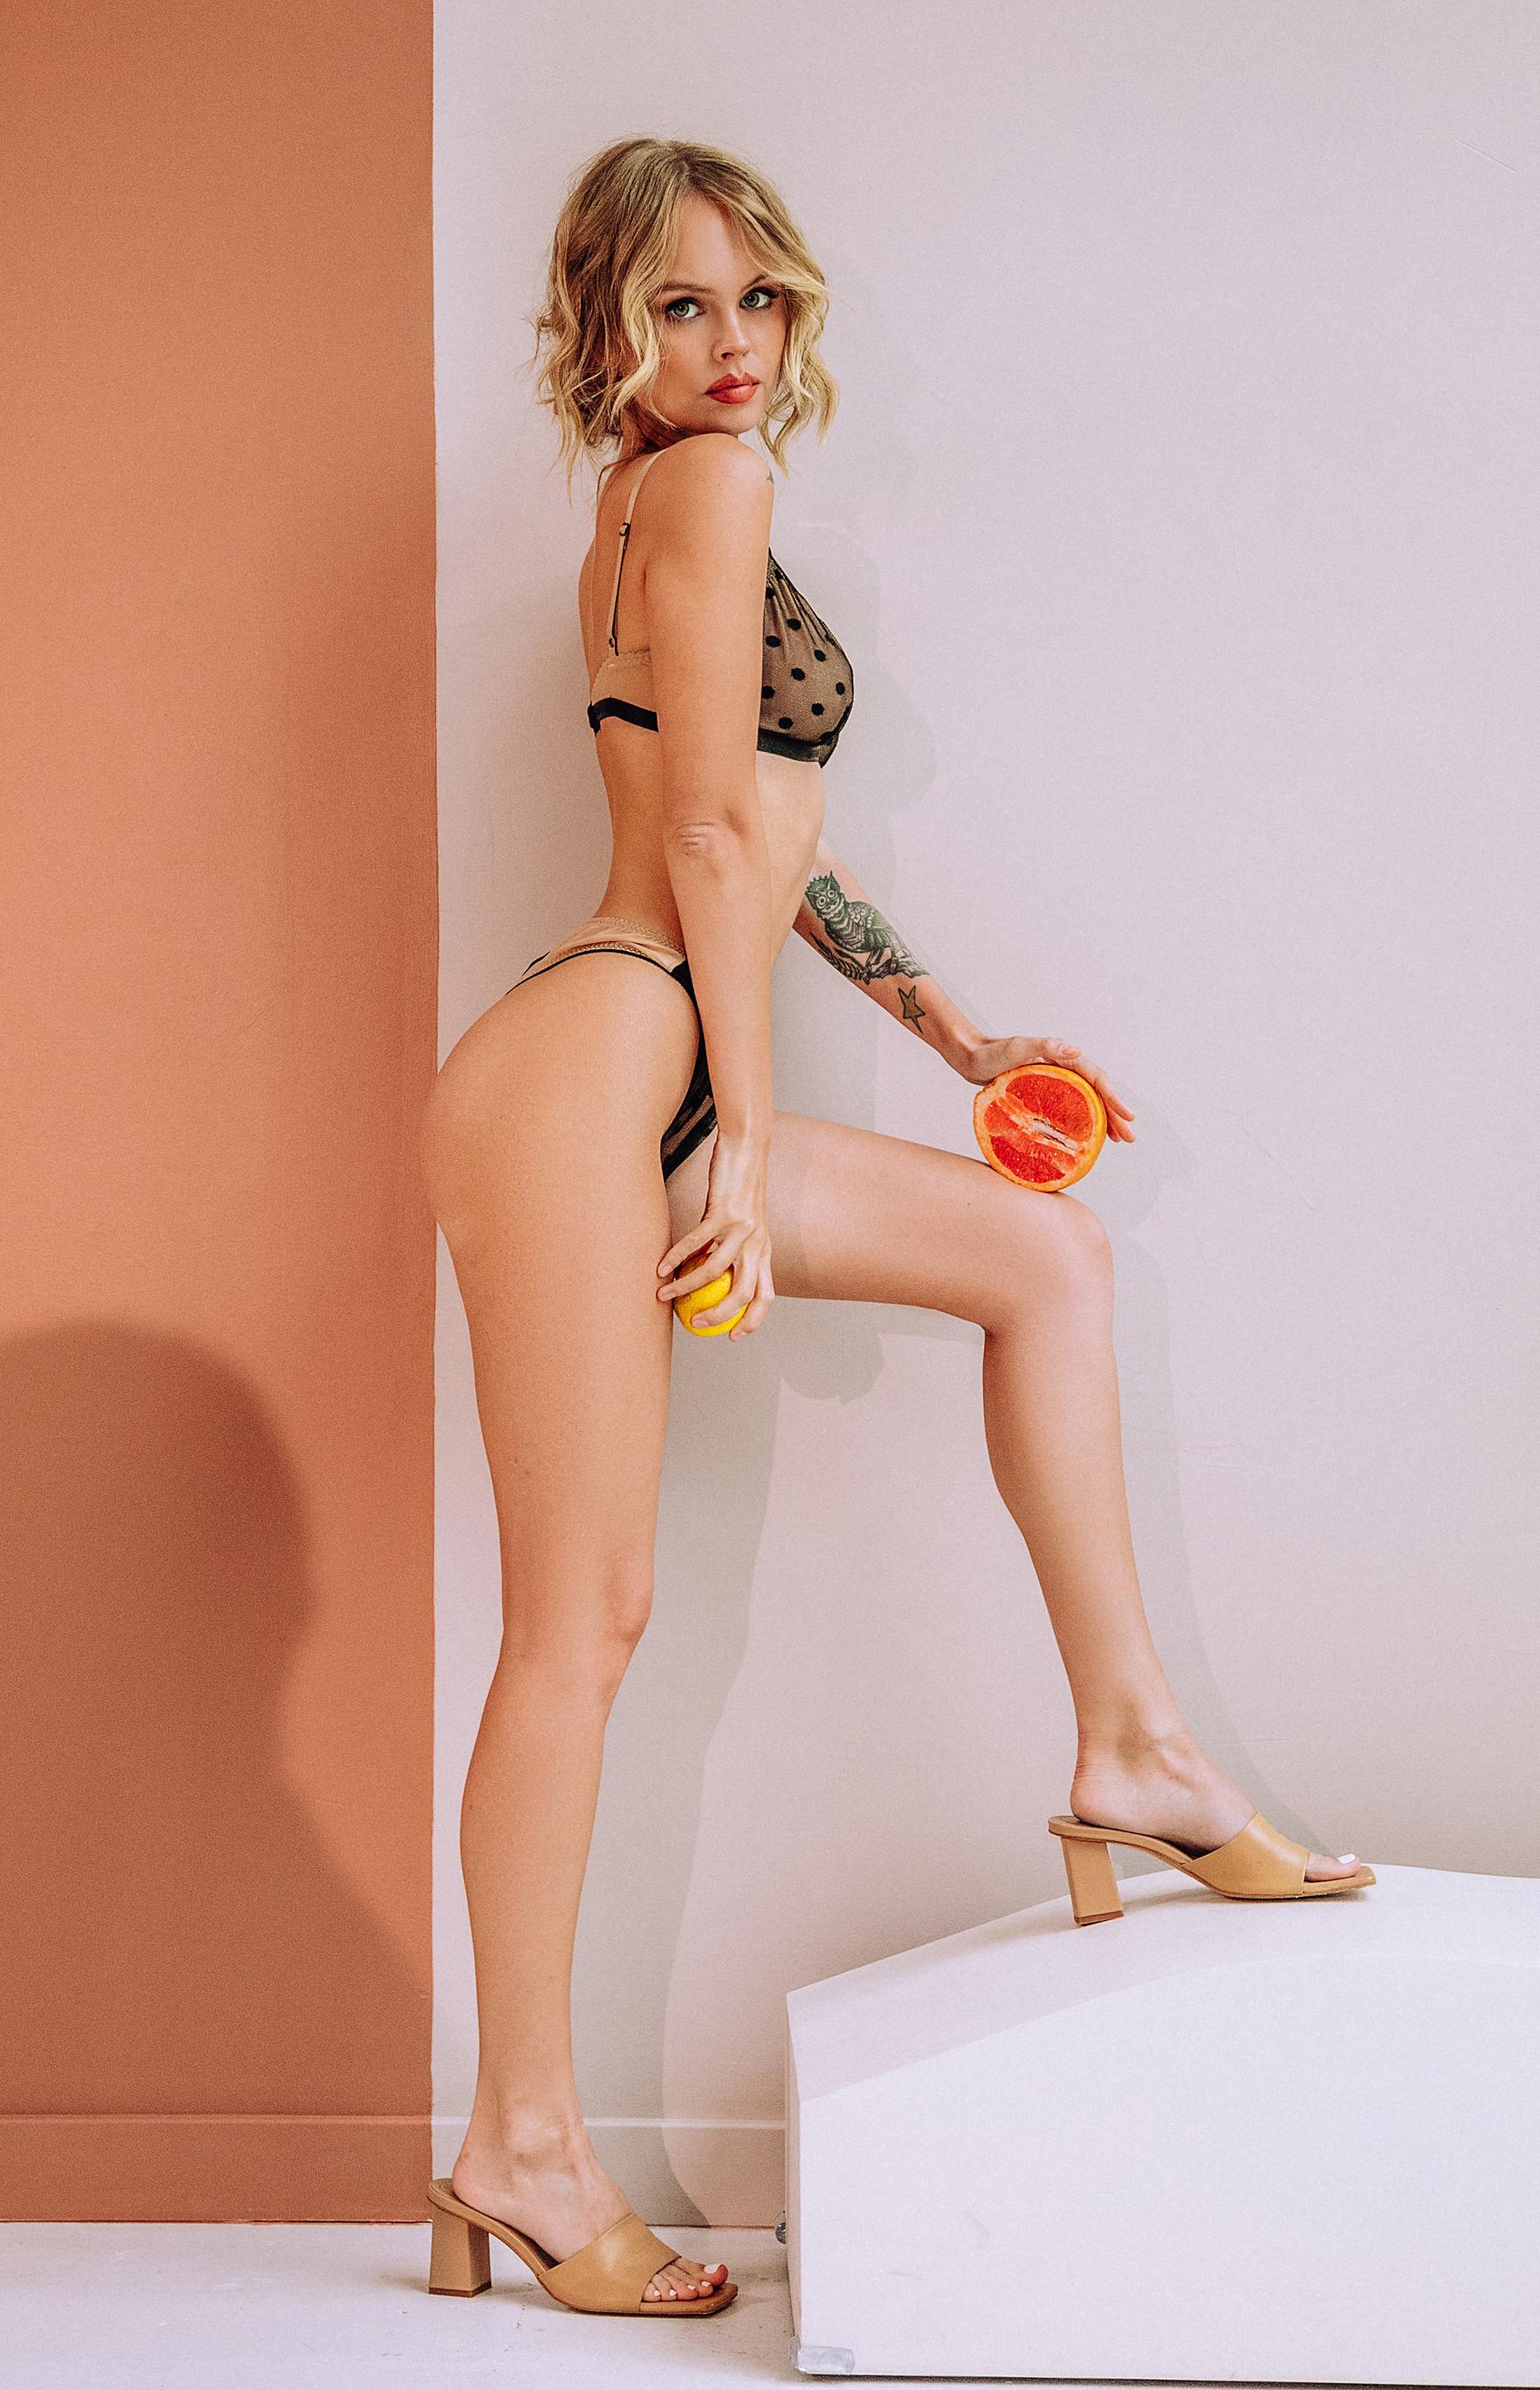 Анастасия Щеглова с фруктами / фото Наталия Минаева